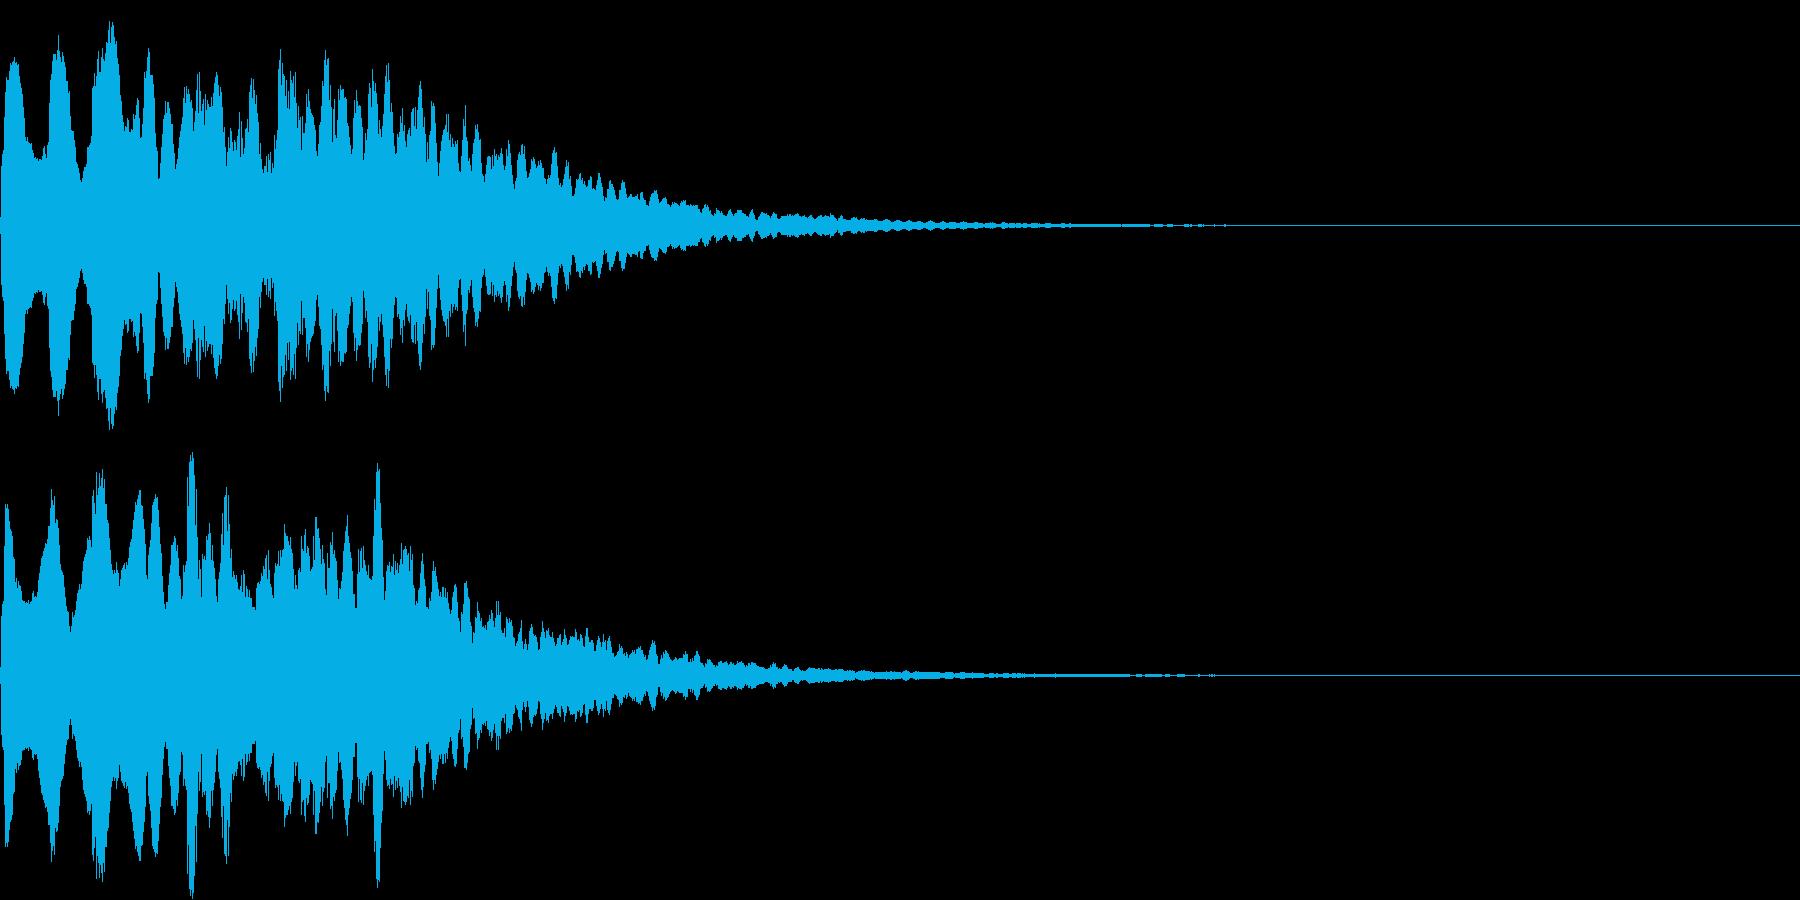 着信音1 スワイプ お知らせ キラキラの再生済みの波形